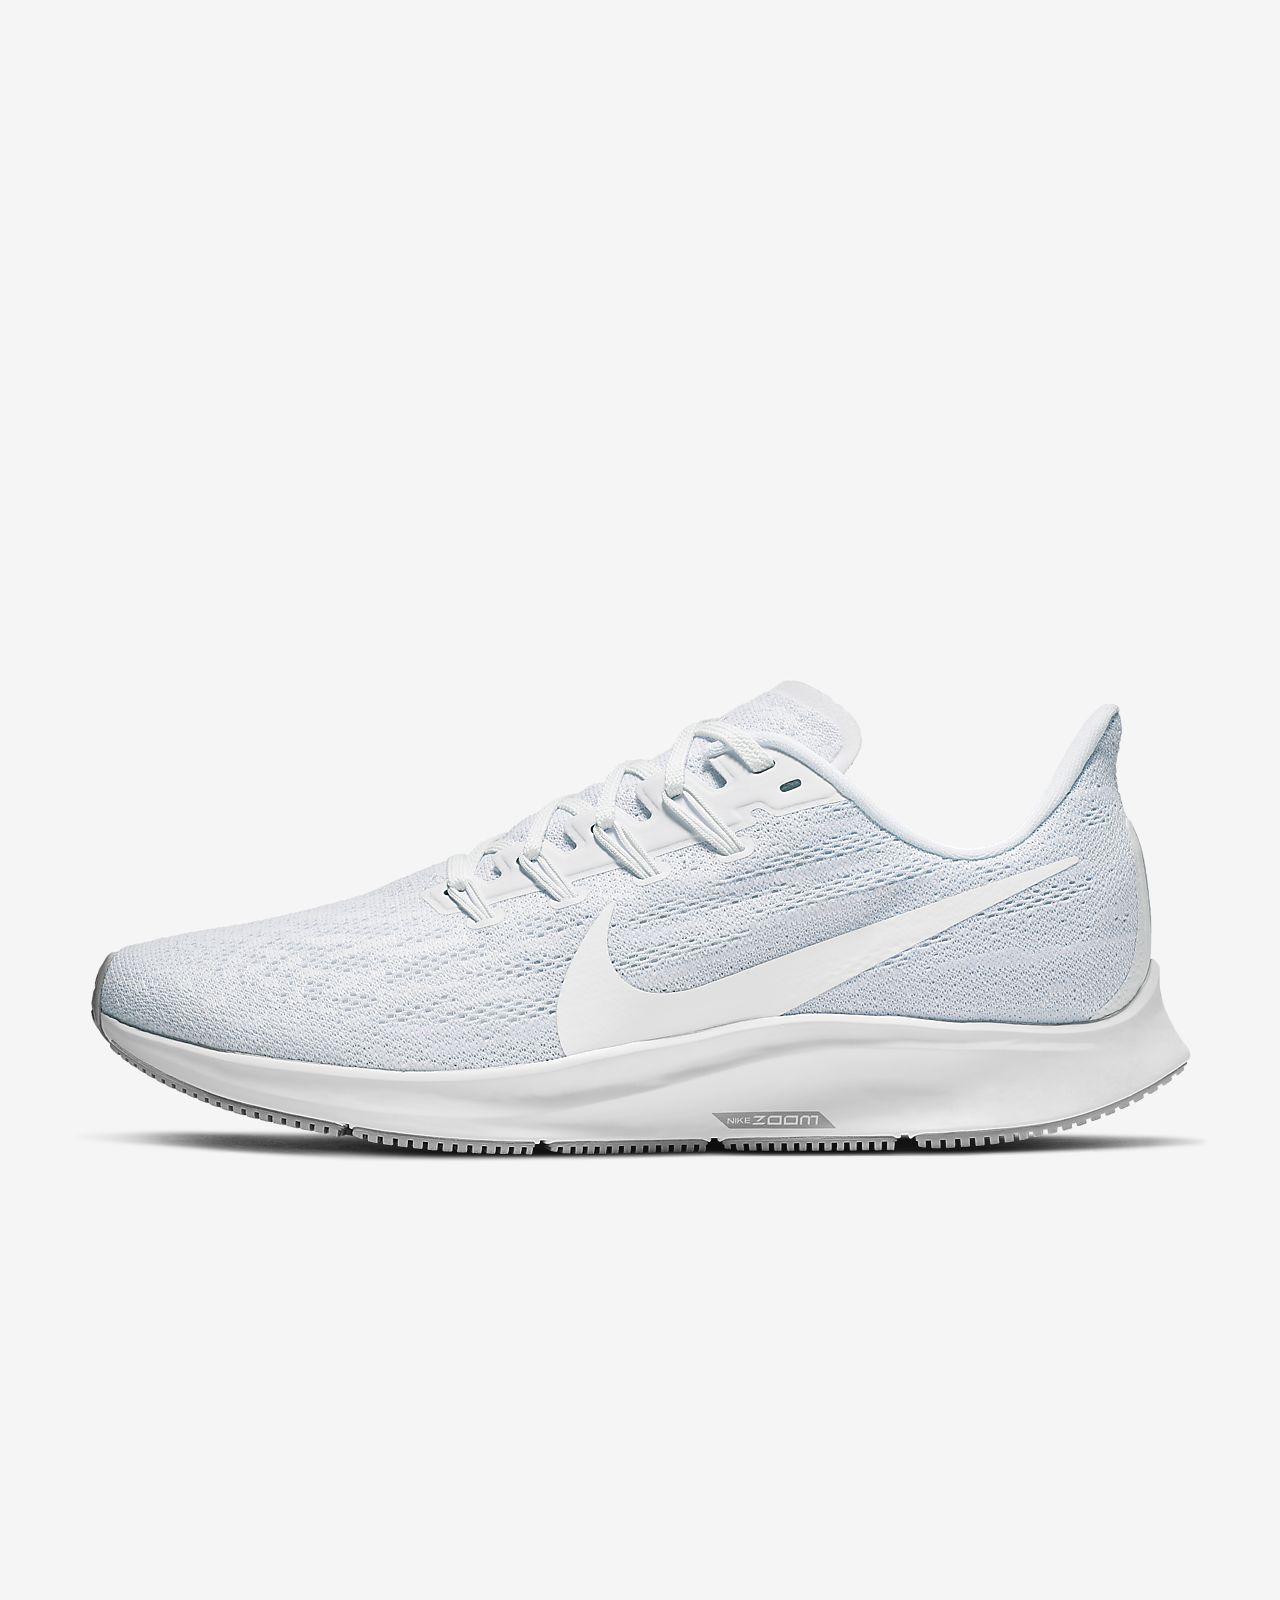 Ανδρικό παπούτσι για τρέξιμο Nike Air Zoom Pegasus 36